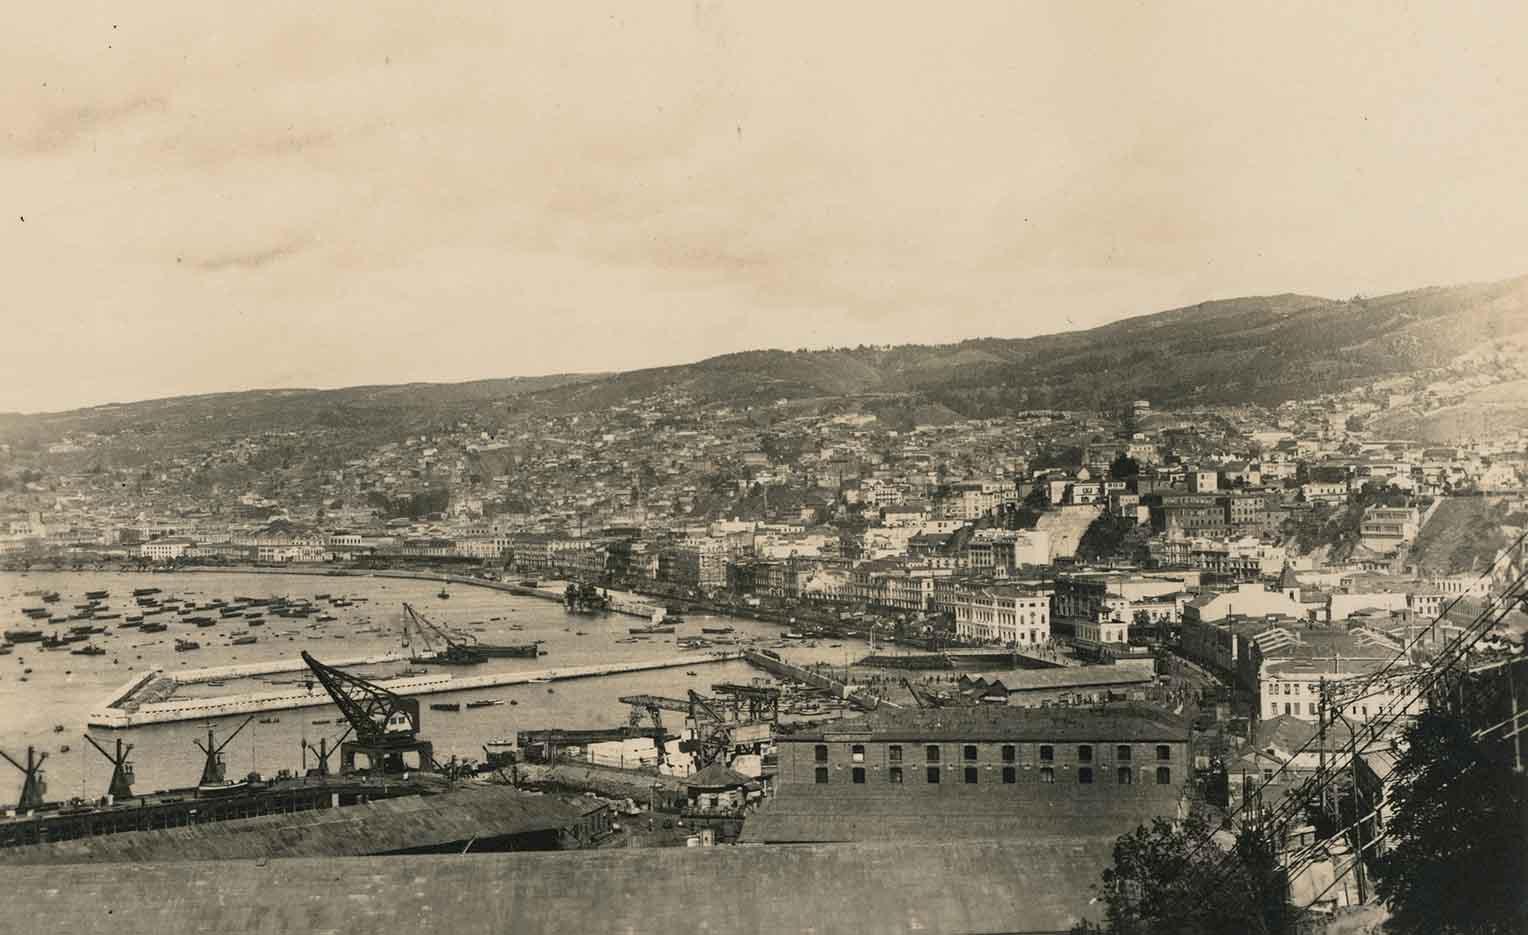 Enterreno - Fotos históricas de chile - fotos antiguas de Chile - Vista general de Valparaíso en 1924